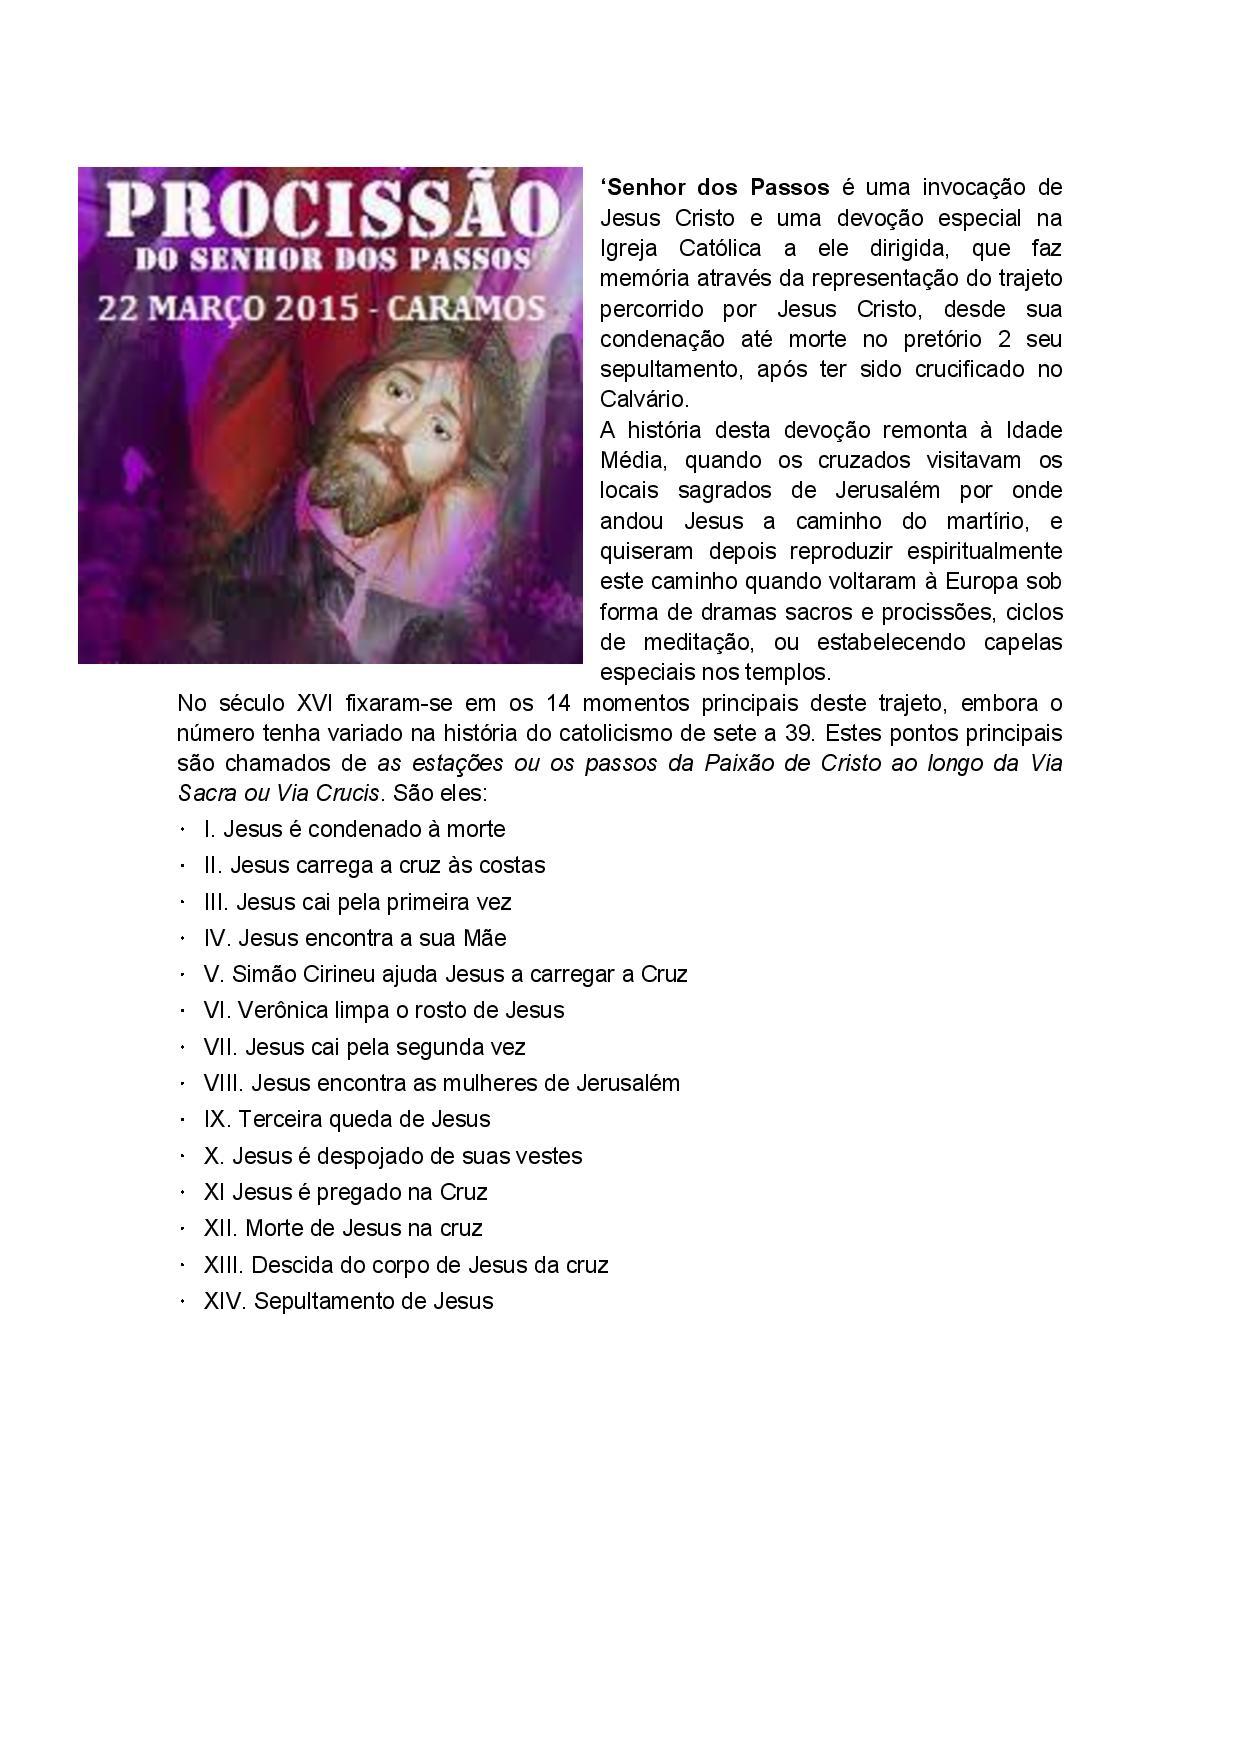 Procissão do Senhor dos Passos_2015-page-001